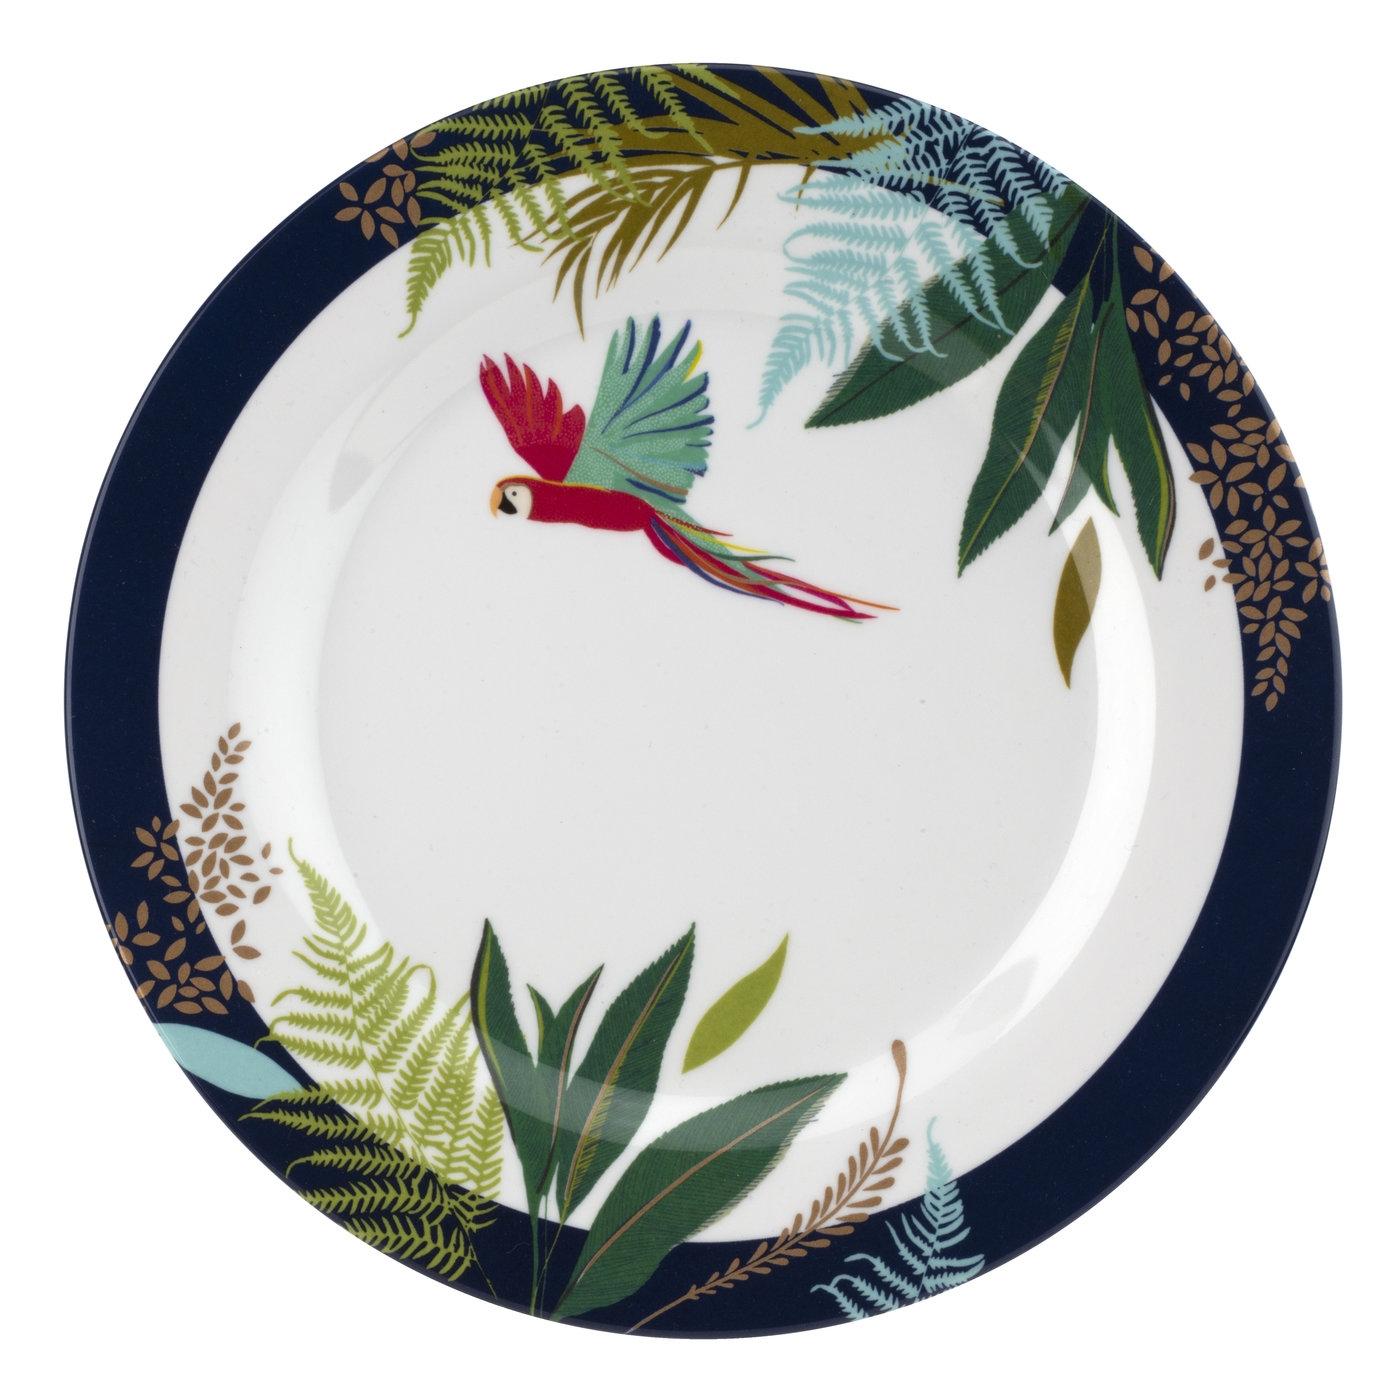 포트메리온 '사라 밀러 런던' 샐러드 접시 4개 세트 Sara Miller London for Portmeirion Parrot Collection 8 Inch Melamine Salad Plates Set of 4